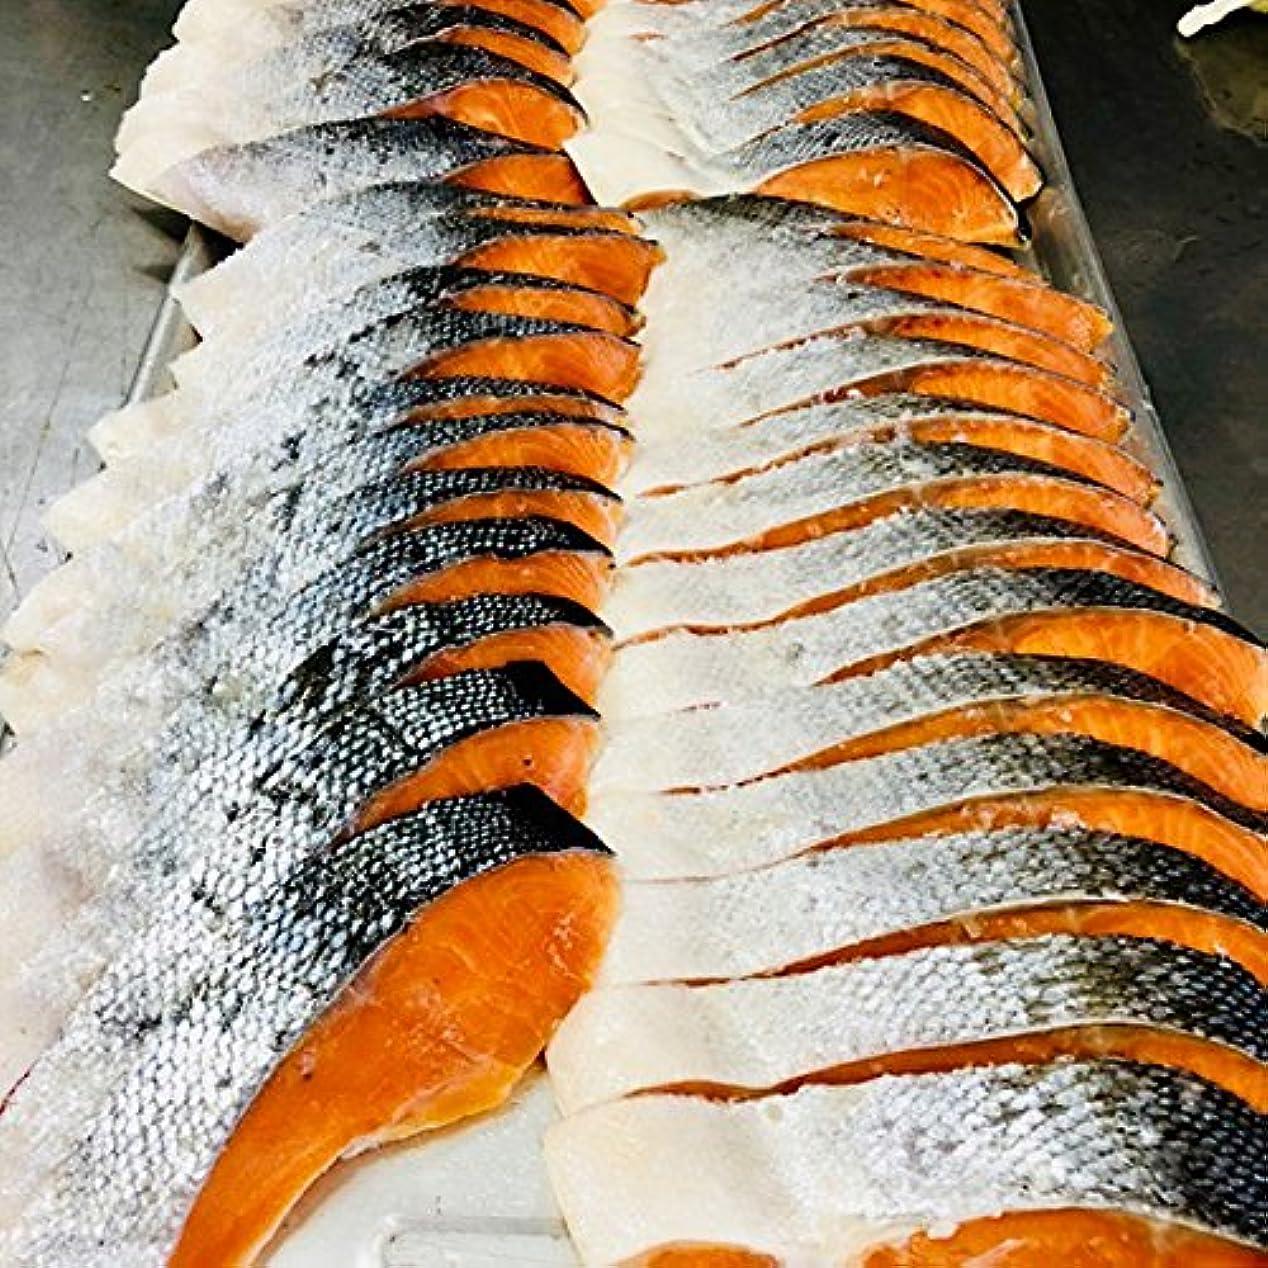 確率一月マニュアル紅鮭 天然 塩紅フィーレ 1枚 約1kg サイズ 色鮮やかな紅鮭フィレ 業務用 大特価 人気